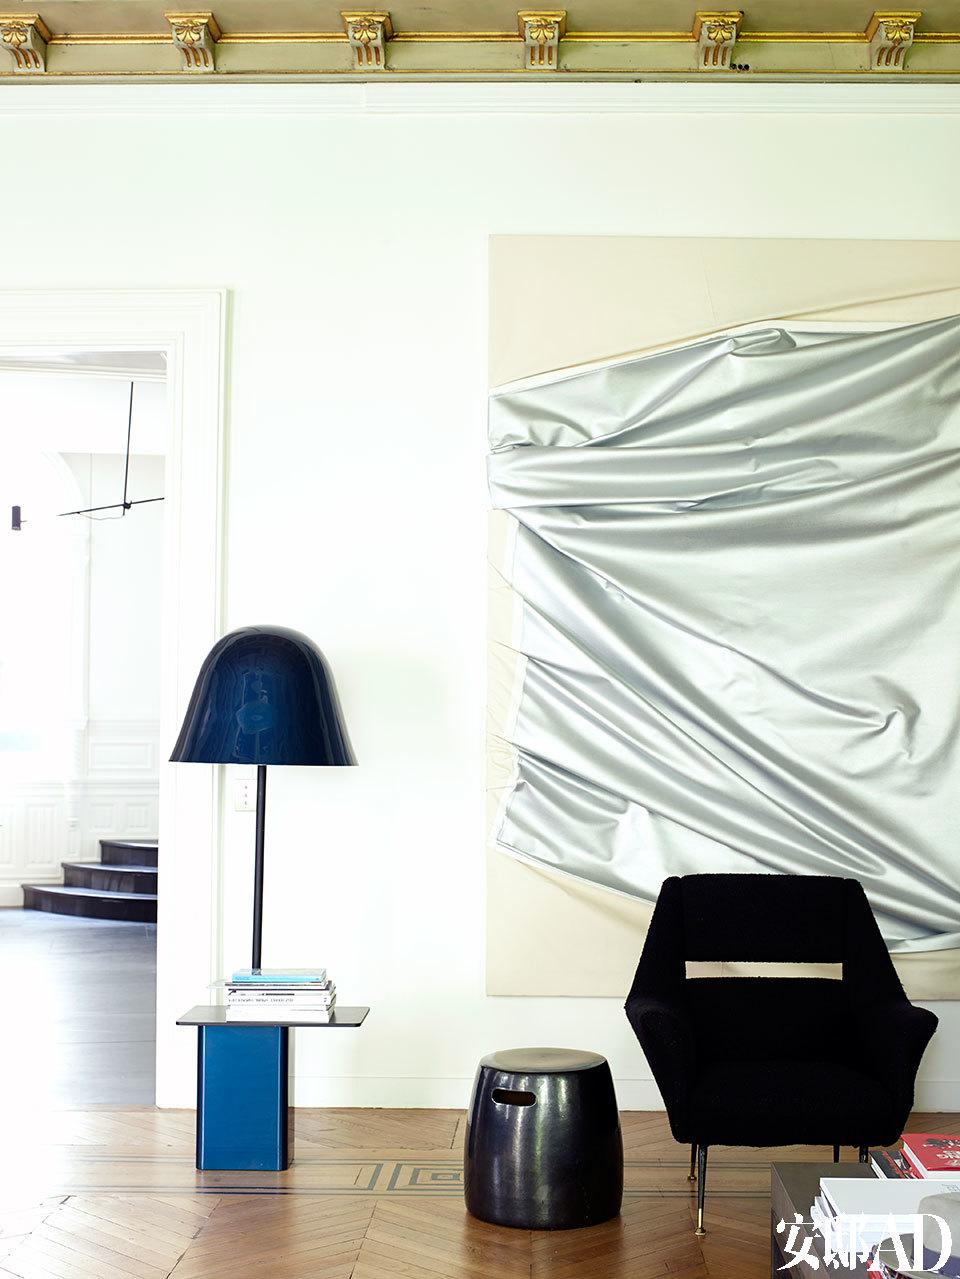 纵使家中的收藏品丰富得令人艳羡,主人仍然喜欢一切从简,打造出单纯的生活空间。客厅的一角,Bouroullec Brothers设计的落地灯Bell Lamp十分惹眼,墙上的艺术品Stephen Parrino创作,小圆墩是在巴黎Saint-Ouen跳蚤市场里淘到的。